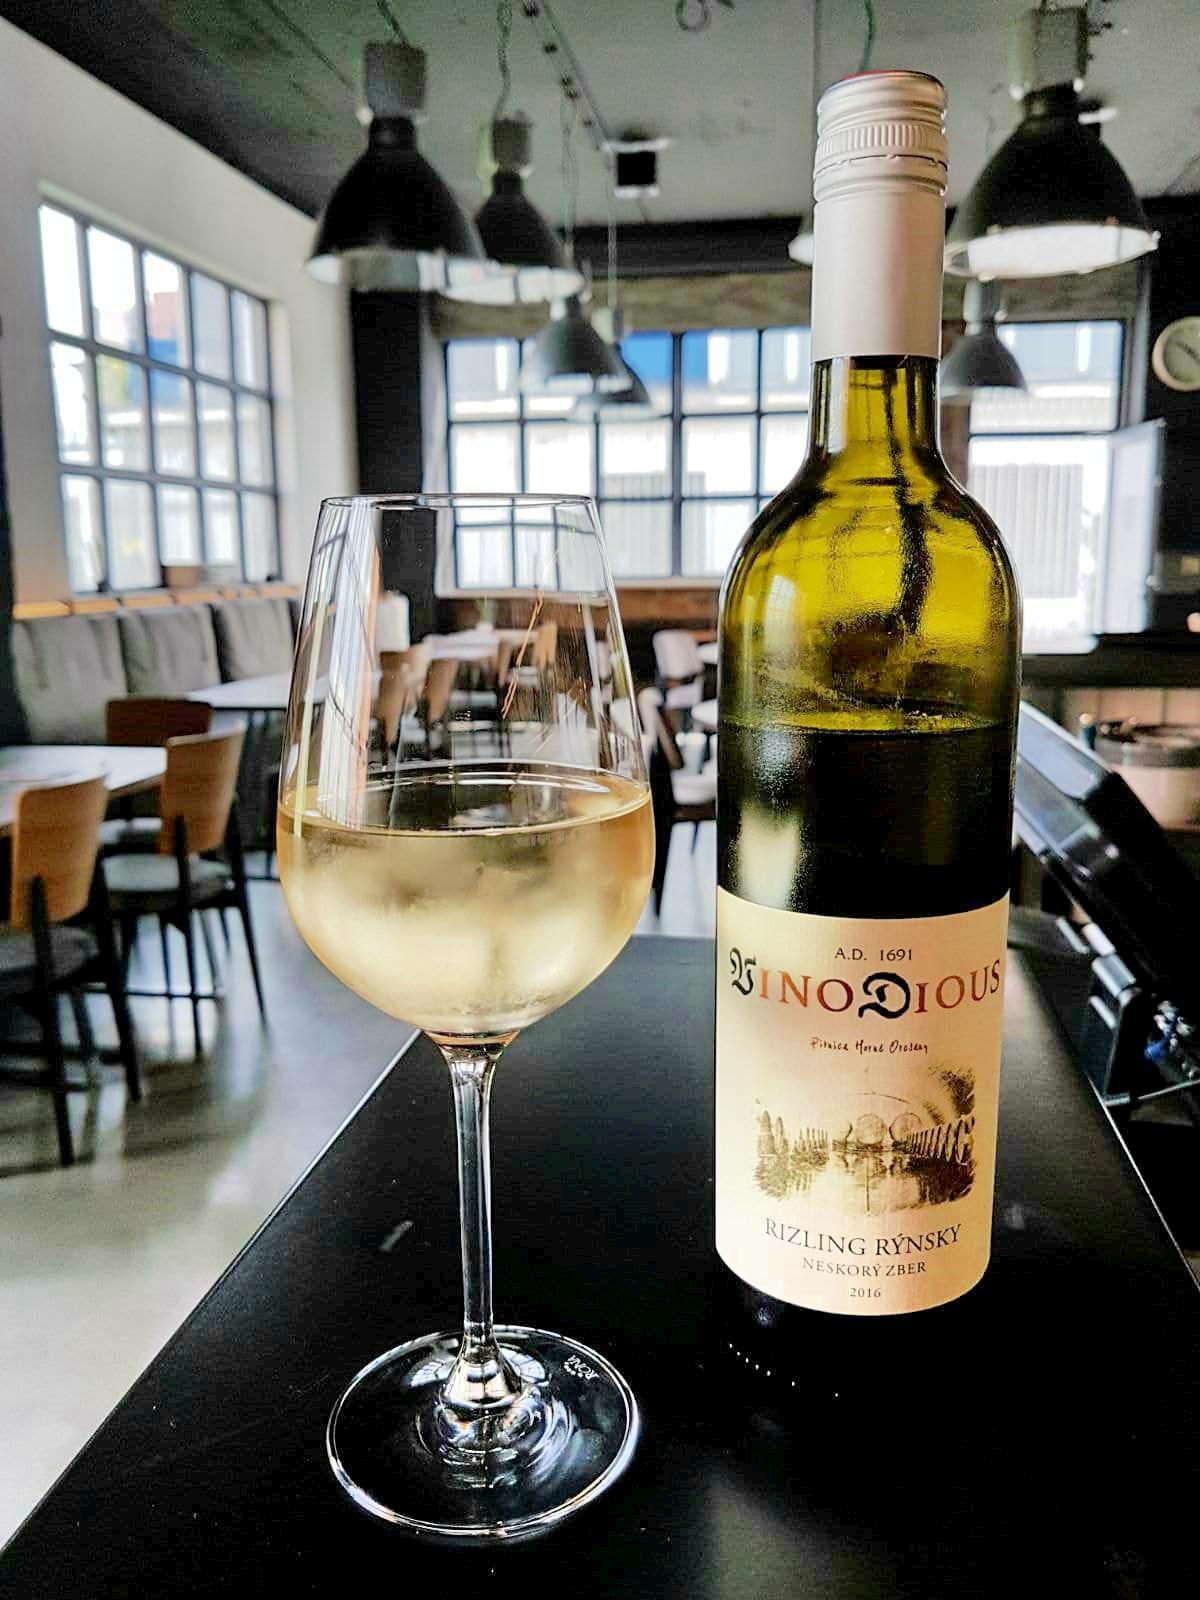 Kvalitná ponuka vín od lokálneho vinárstva VINO DIOUS, Horné Orešany